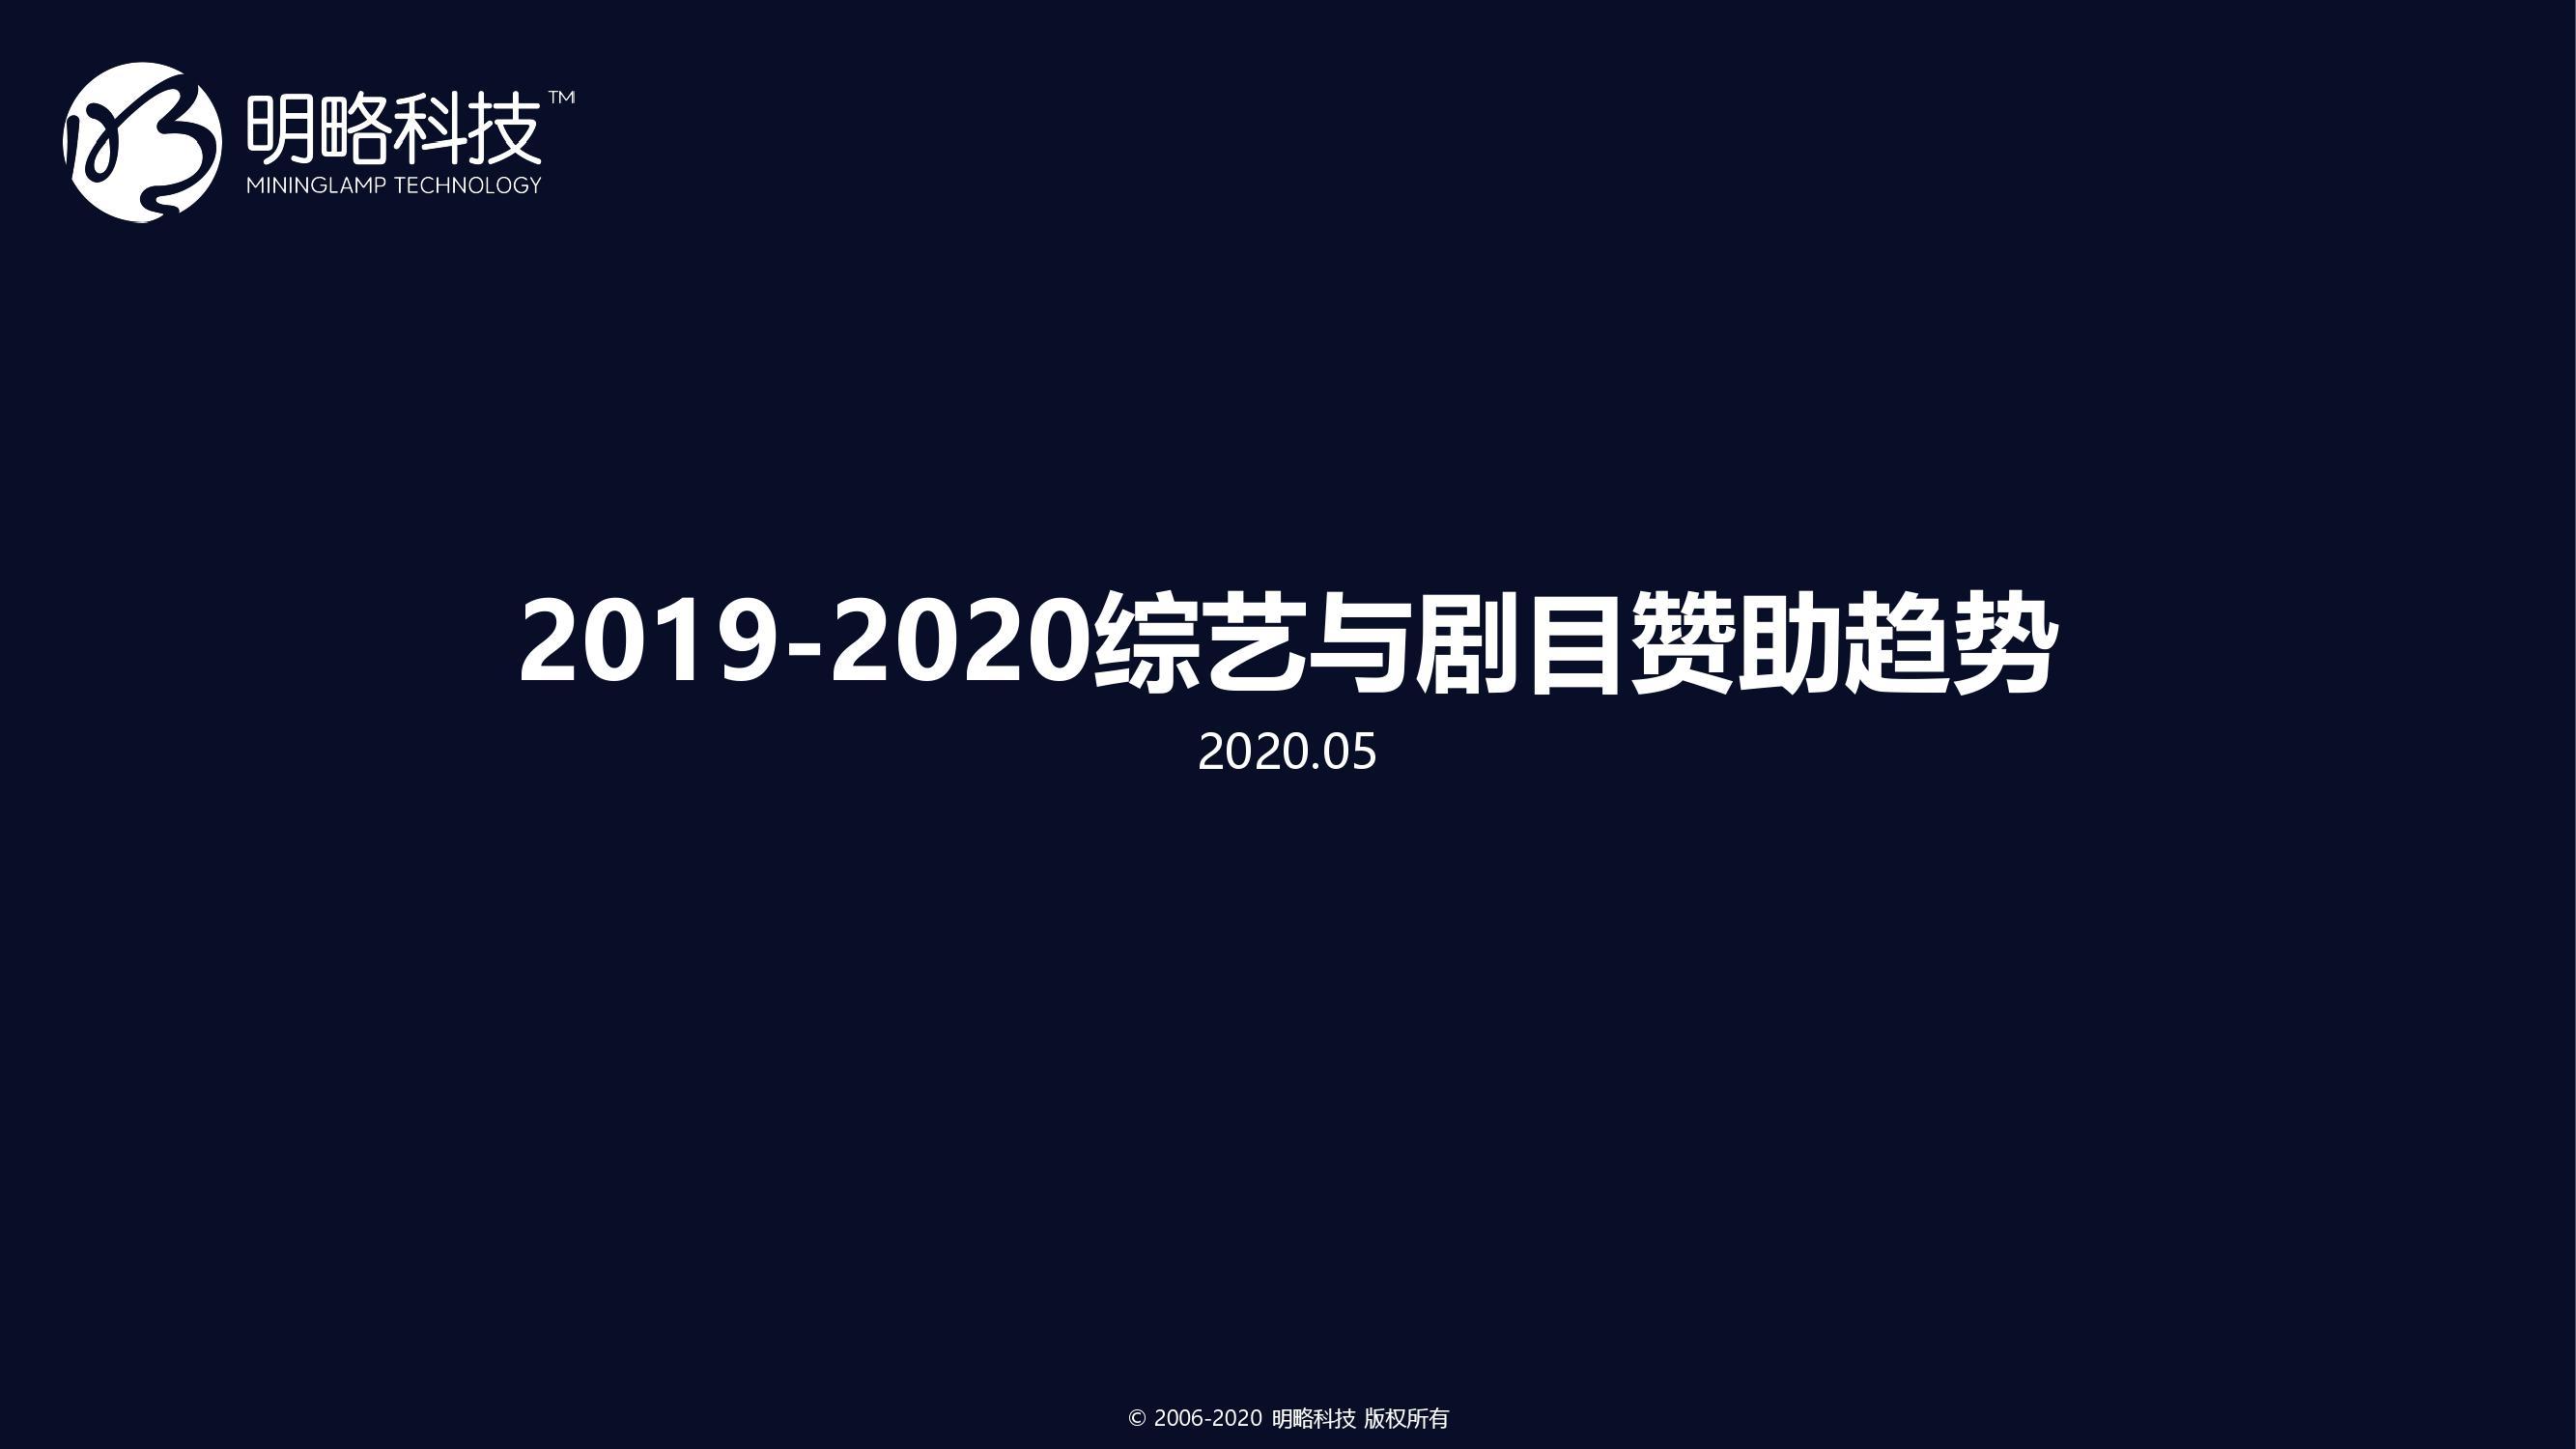 秒针:2019-2020综艺与剧目赞助趋势报告(附下载)